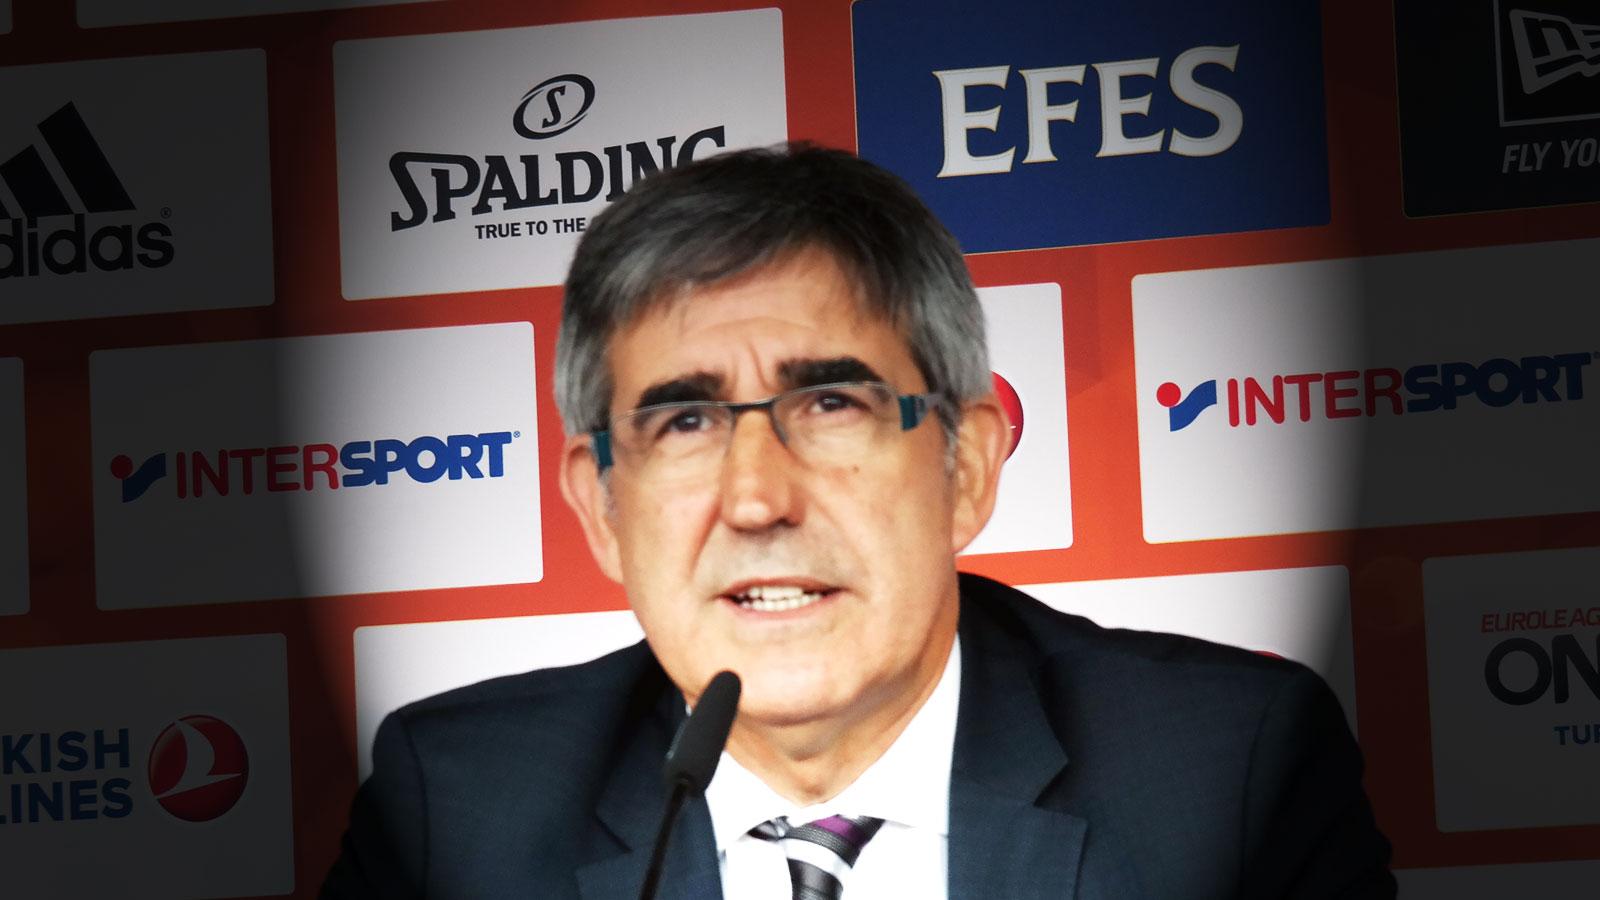 Jordi Bertomeu, CEO der Euroleague